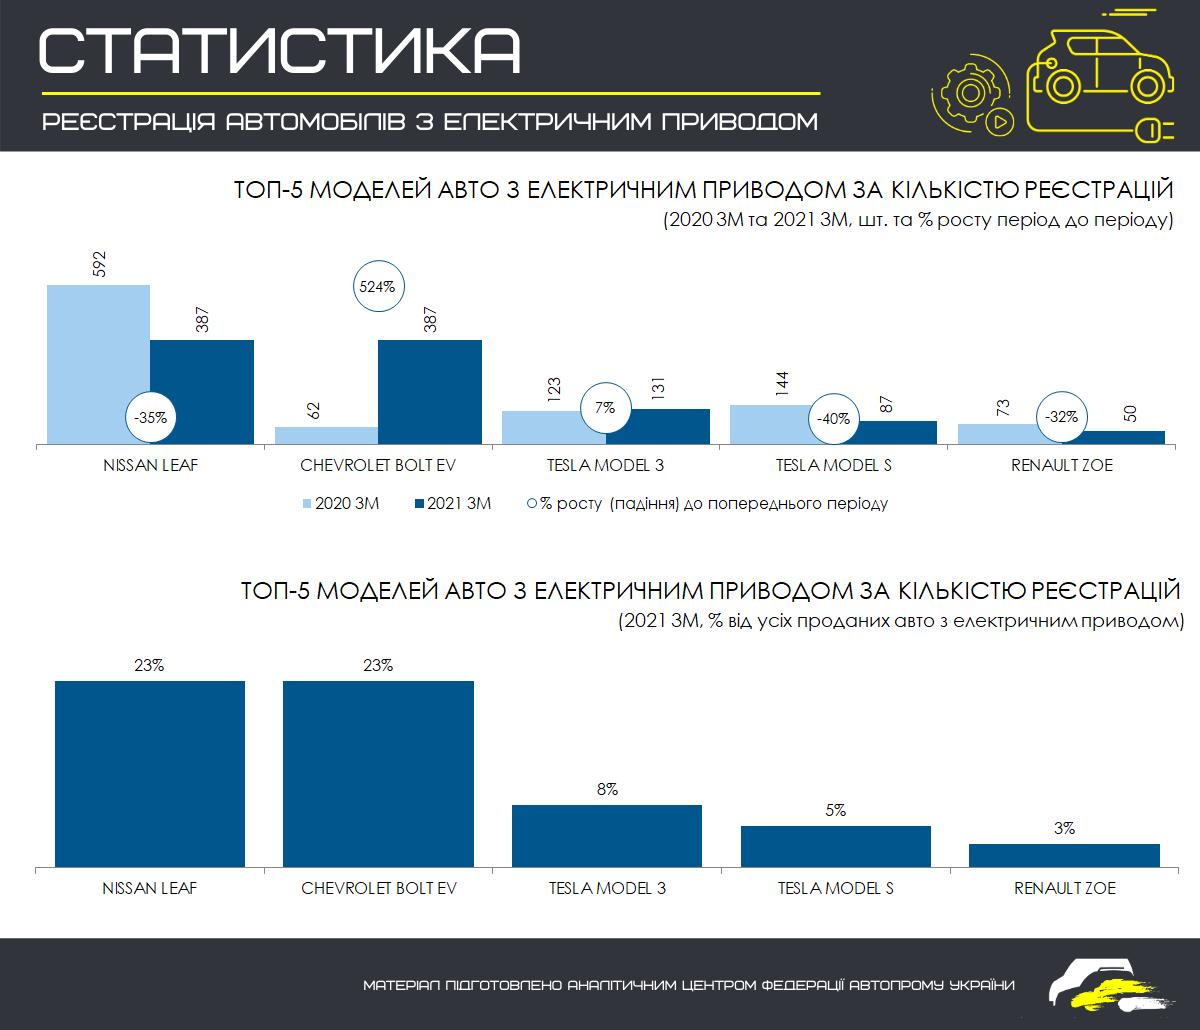 Автомобилисты в Украине осознали преимущества и недостатки электрокаров 3